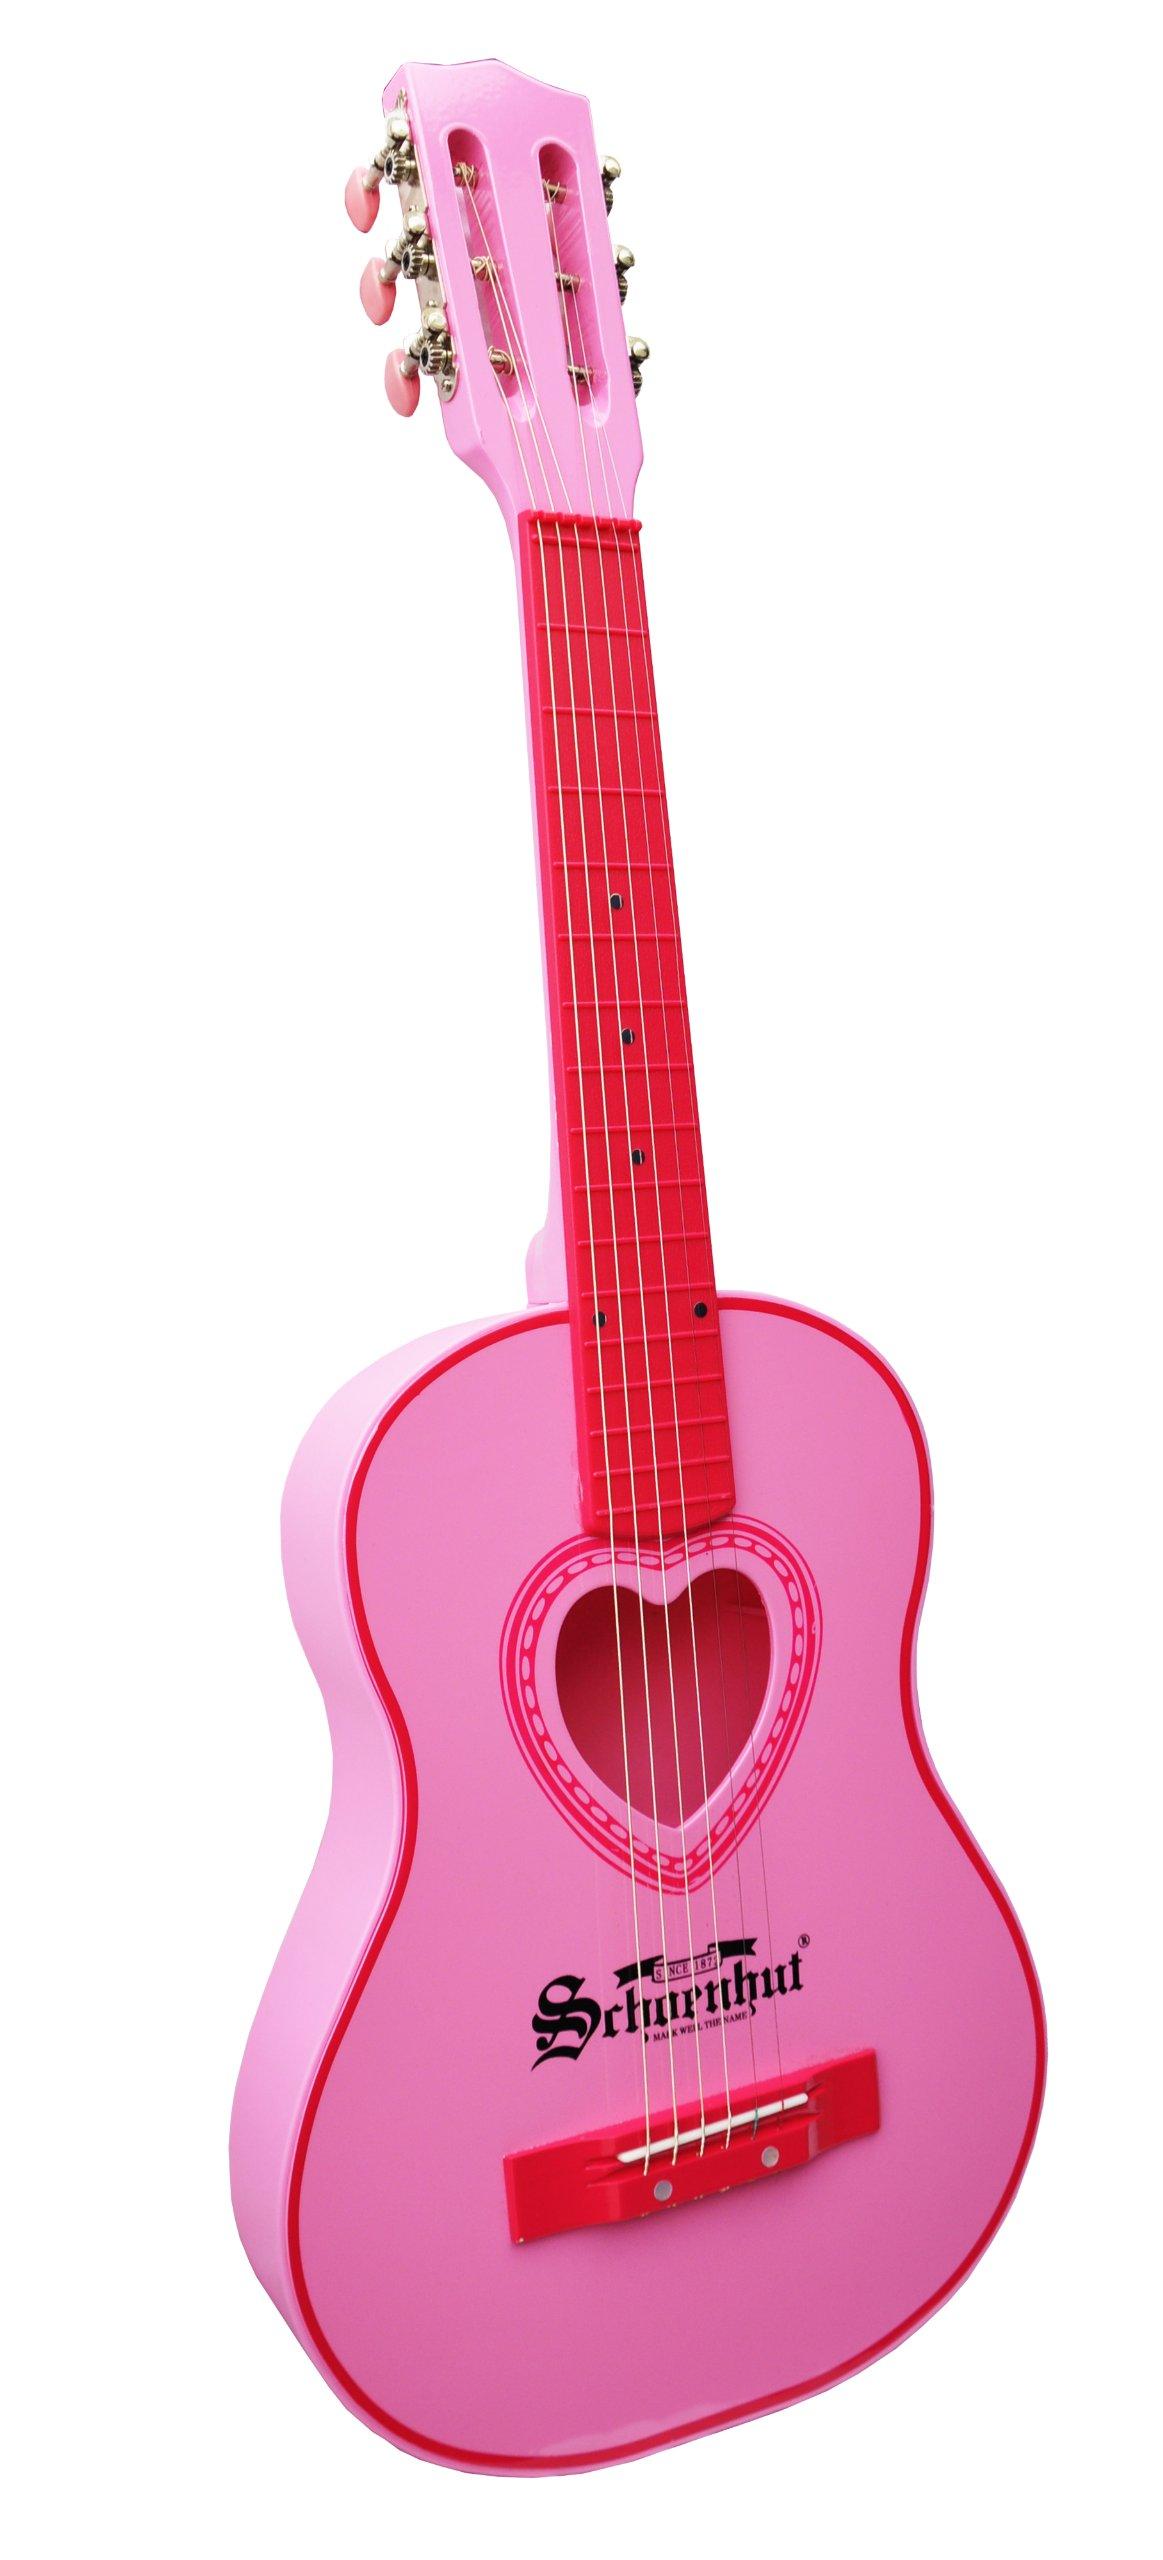 Schoenhut Acoustic Guitar (Pink) by Schoenhut